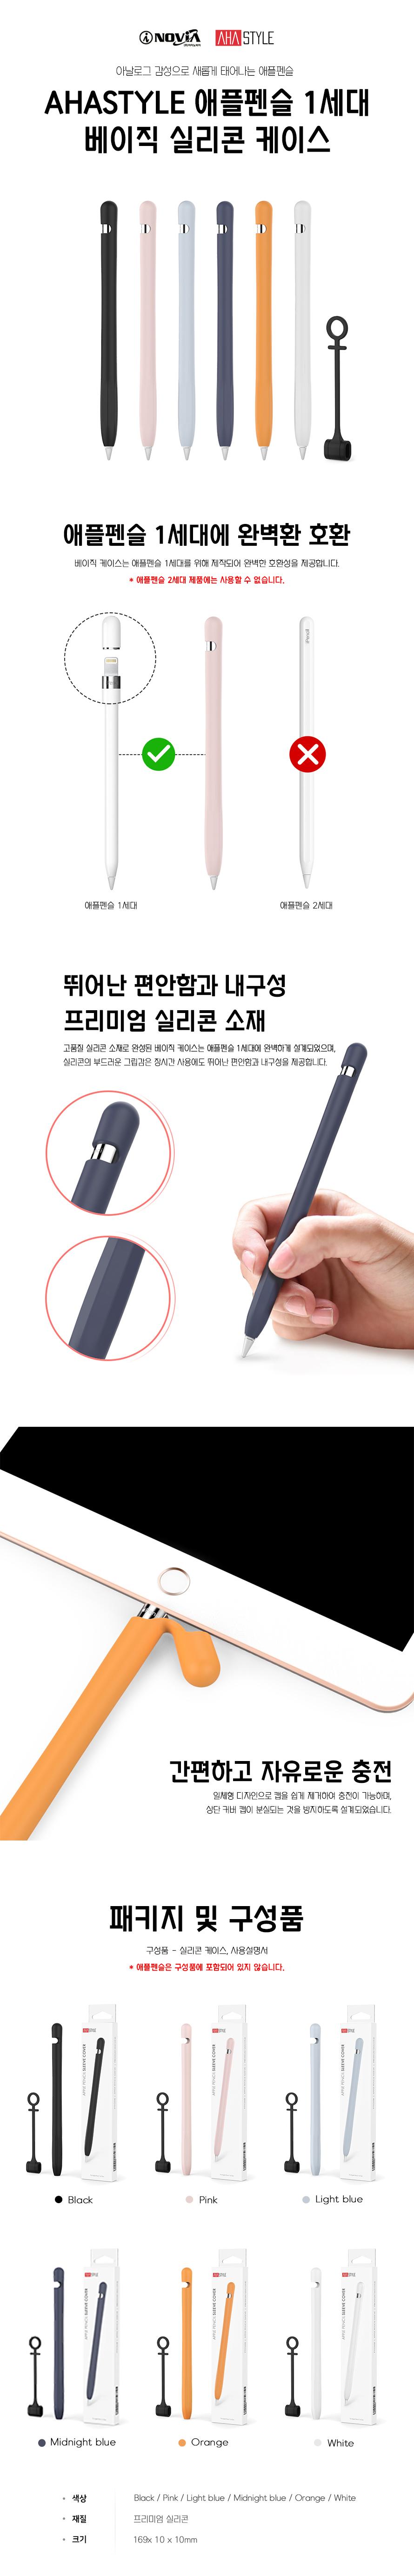 아이노비아 AHASTYLE 애플 펜슬 1세대 베이직 실리콘 케이스